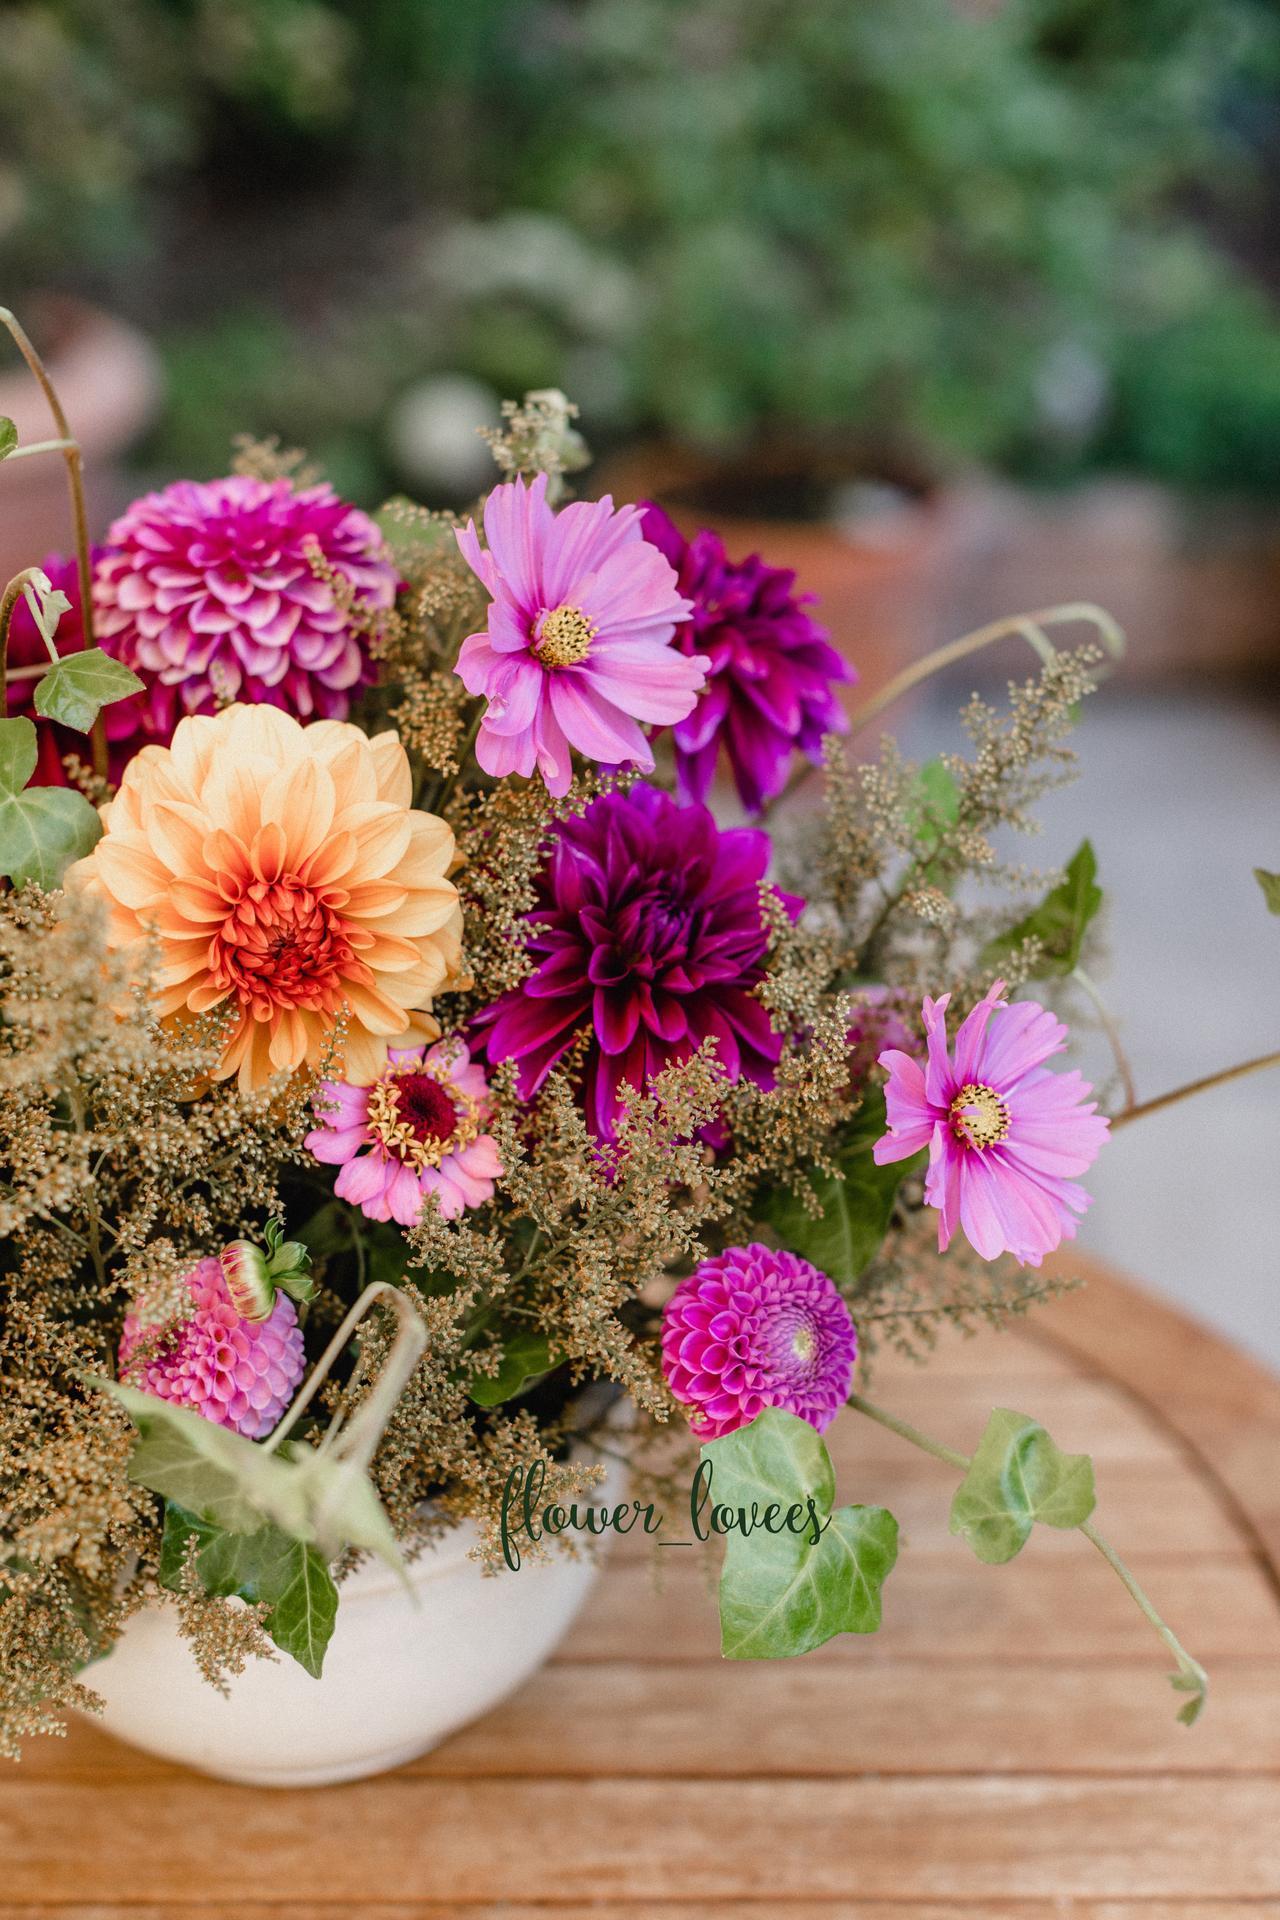 Kvetove dekoracie - Obrázok č. 9